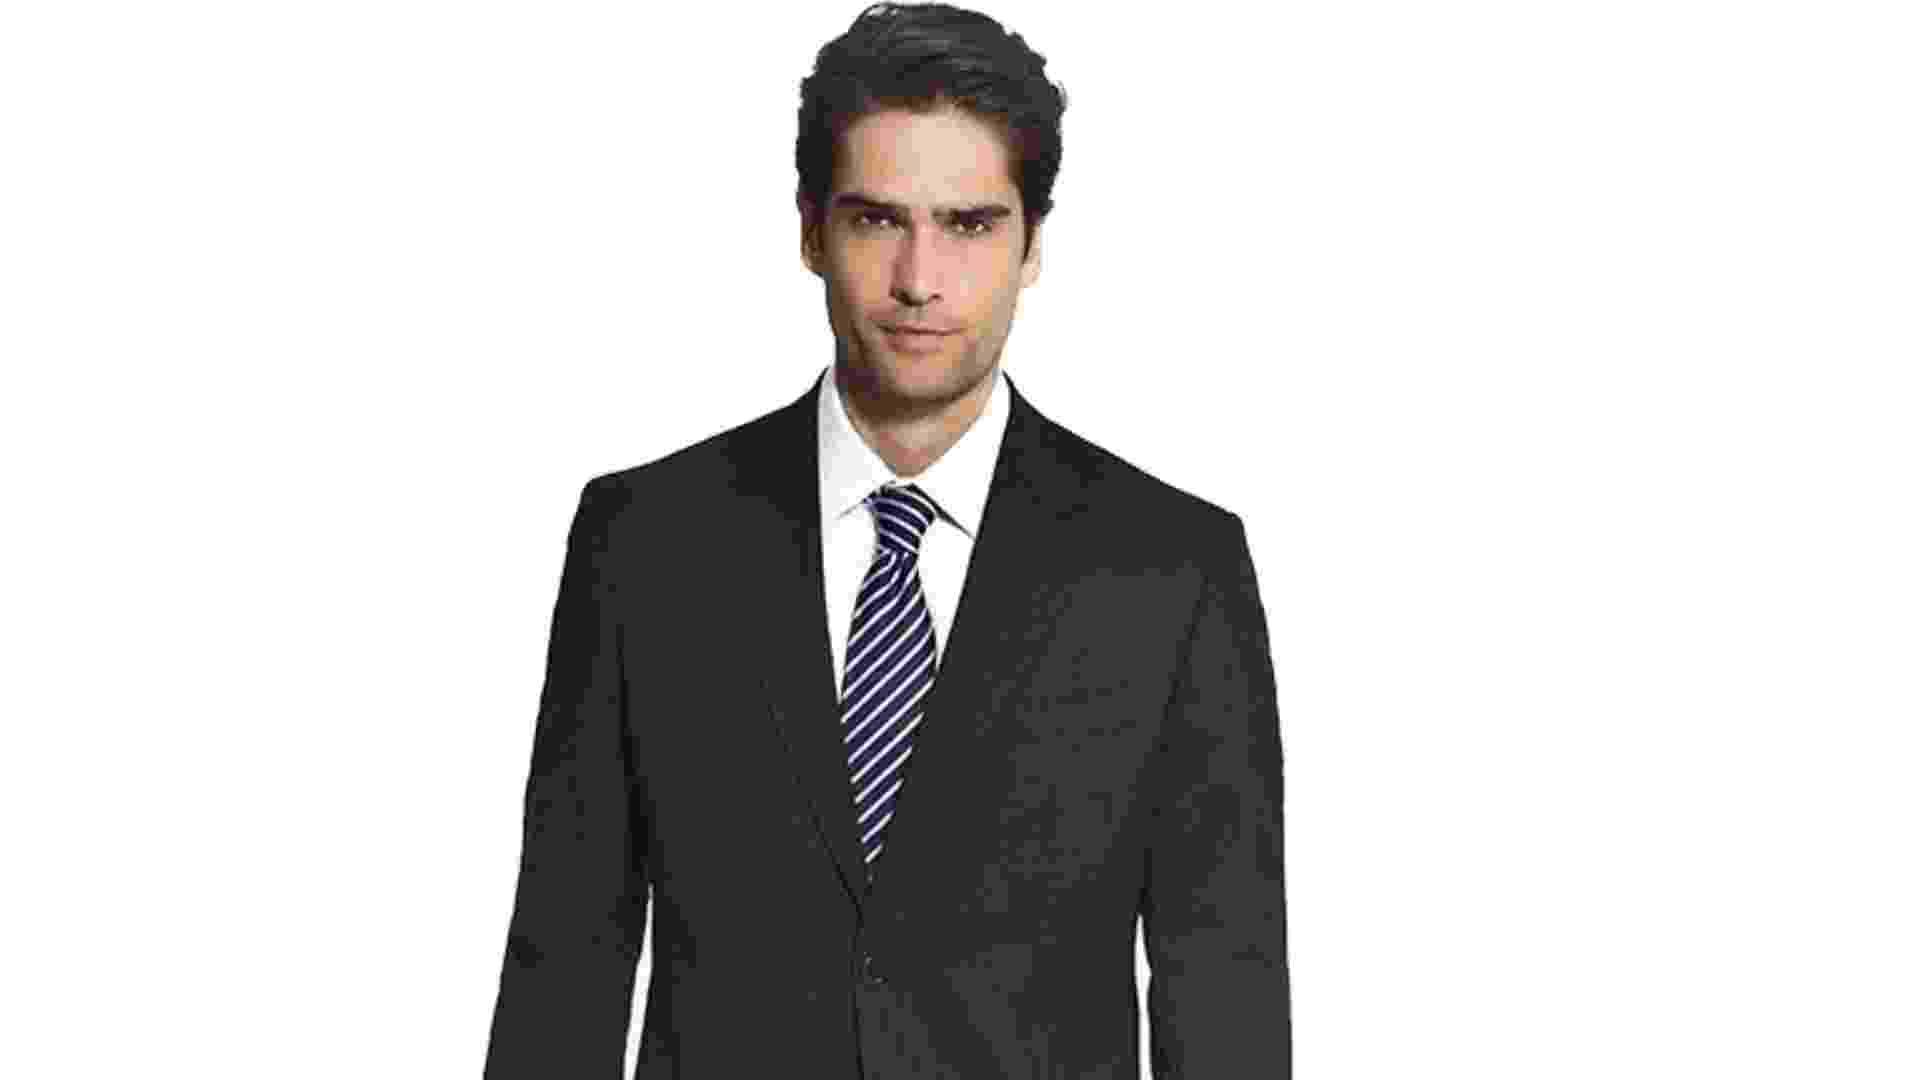 Em ocasiões formais ou em ambientes de trabalho, que se exige o uso de terno e gravata, a camisa é sempre dentro da calça. Costume (paletó e calça), R$ 899,90; camisa social, R$ 239,90; gravata de seda, R$ 149,90; sapato de couro preto, R$ 329,90, na Crawford (SAC 11 2308-3632). Preço pesquisado em agosto de 2013 e sujeito a alteração - Divulgação